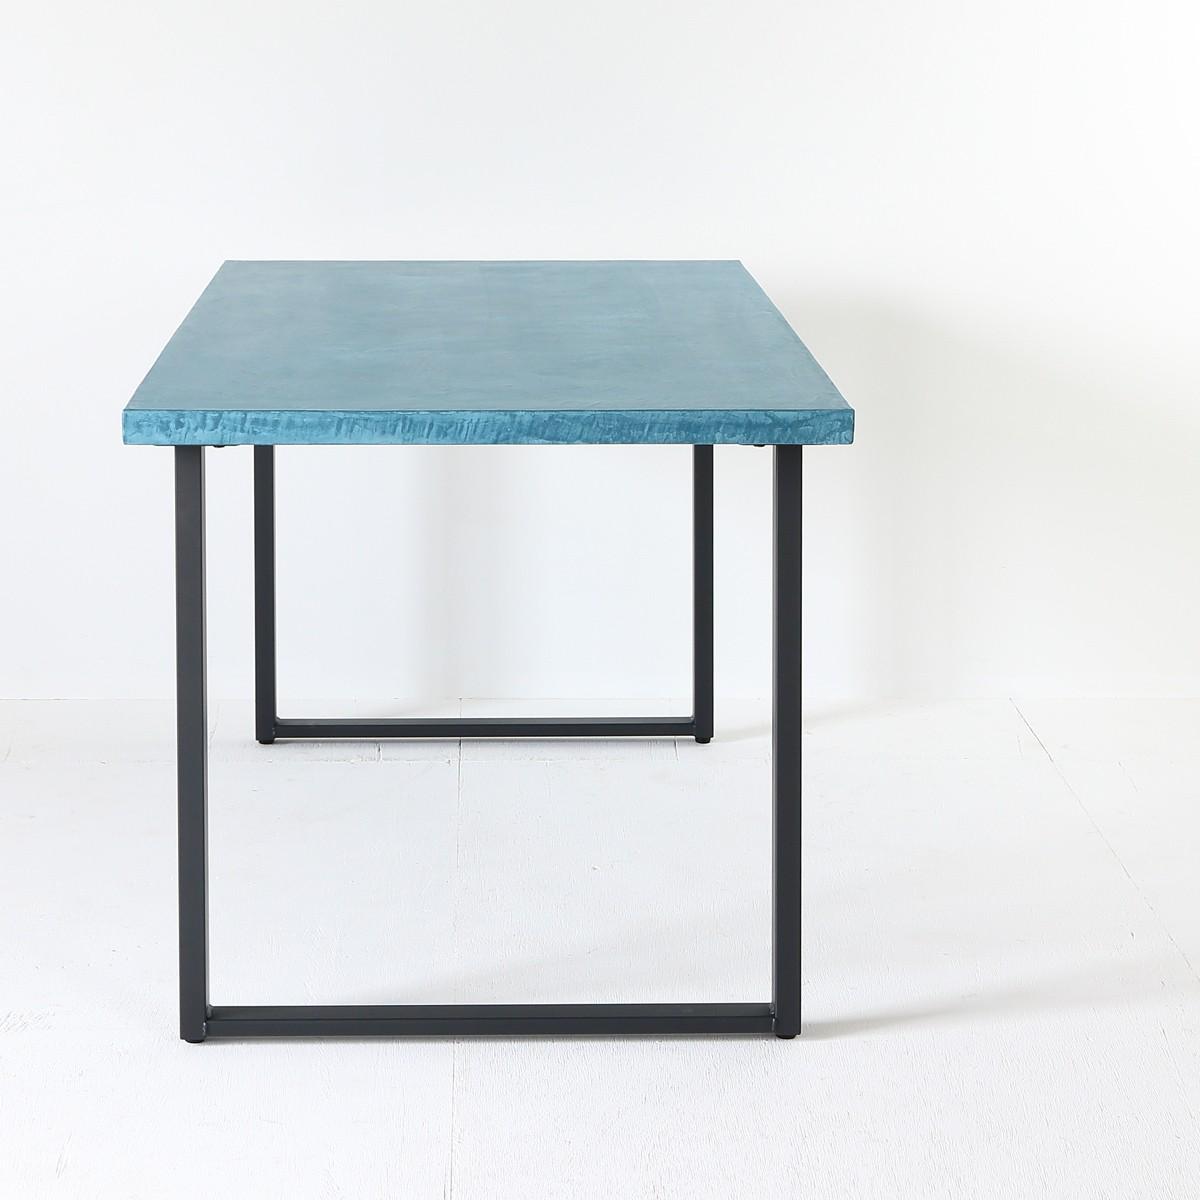 汚れに強く水も通さない耐久性あるダイニングテーブル